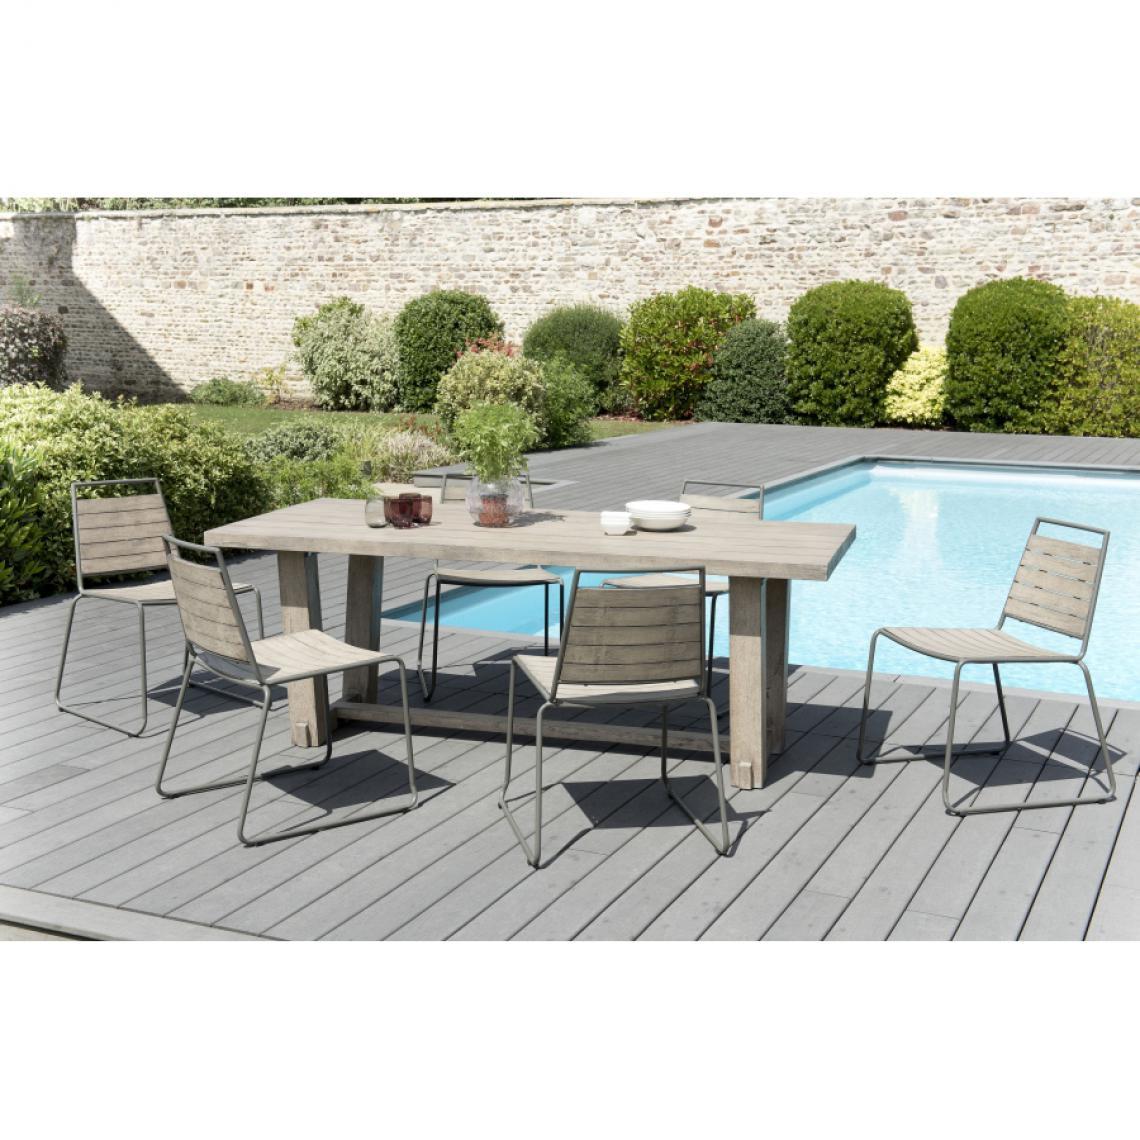 salon de jardin en bois teck grise 6 8 pers ensemble de jardin 1 table rectangulaire 200 90cm et 6 chaises empilables bois et metal